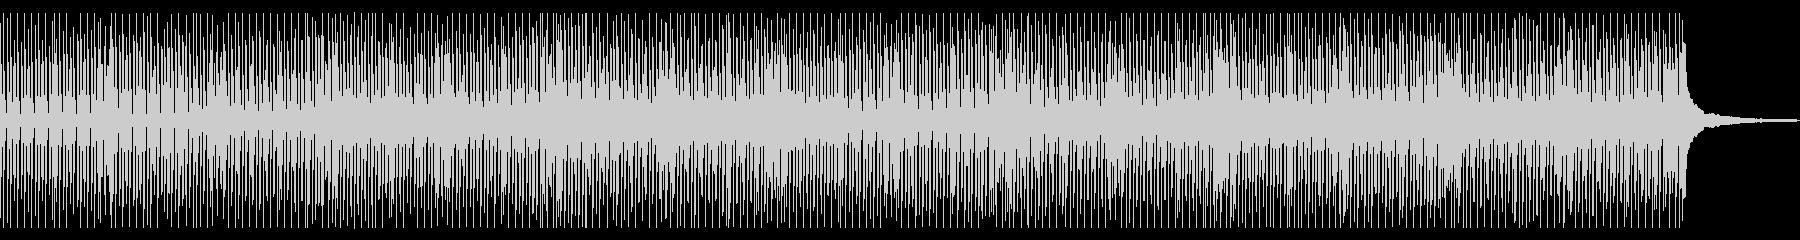 【メロディ抜き】明るく朗らかなコンセプトの未再生の波形